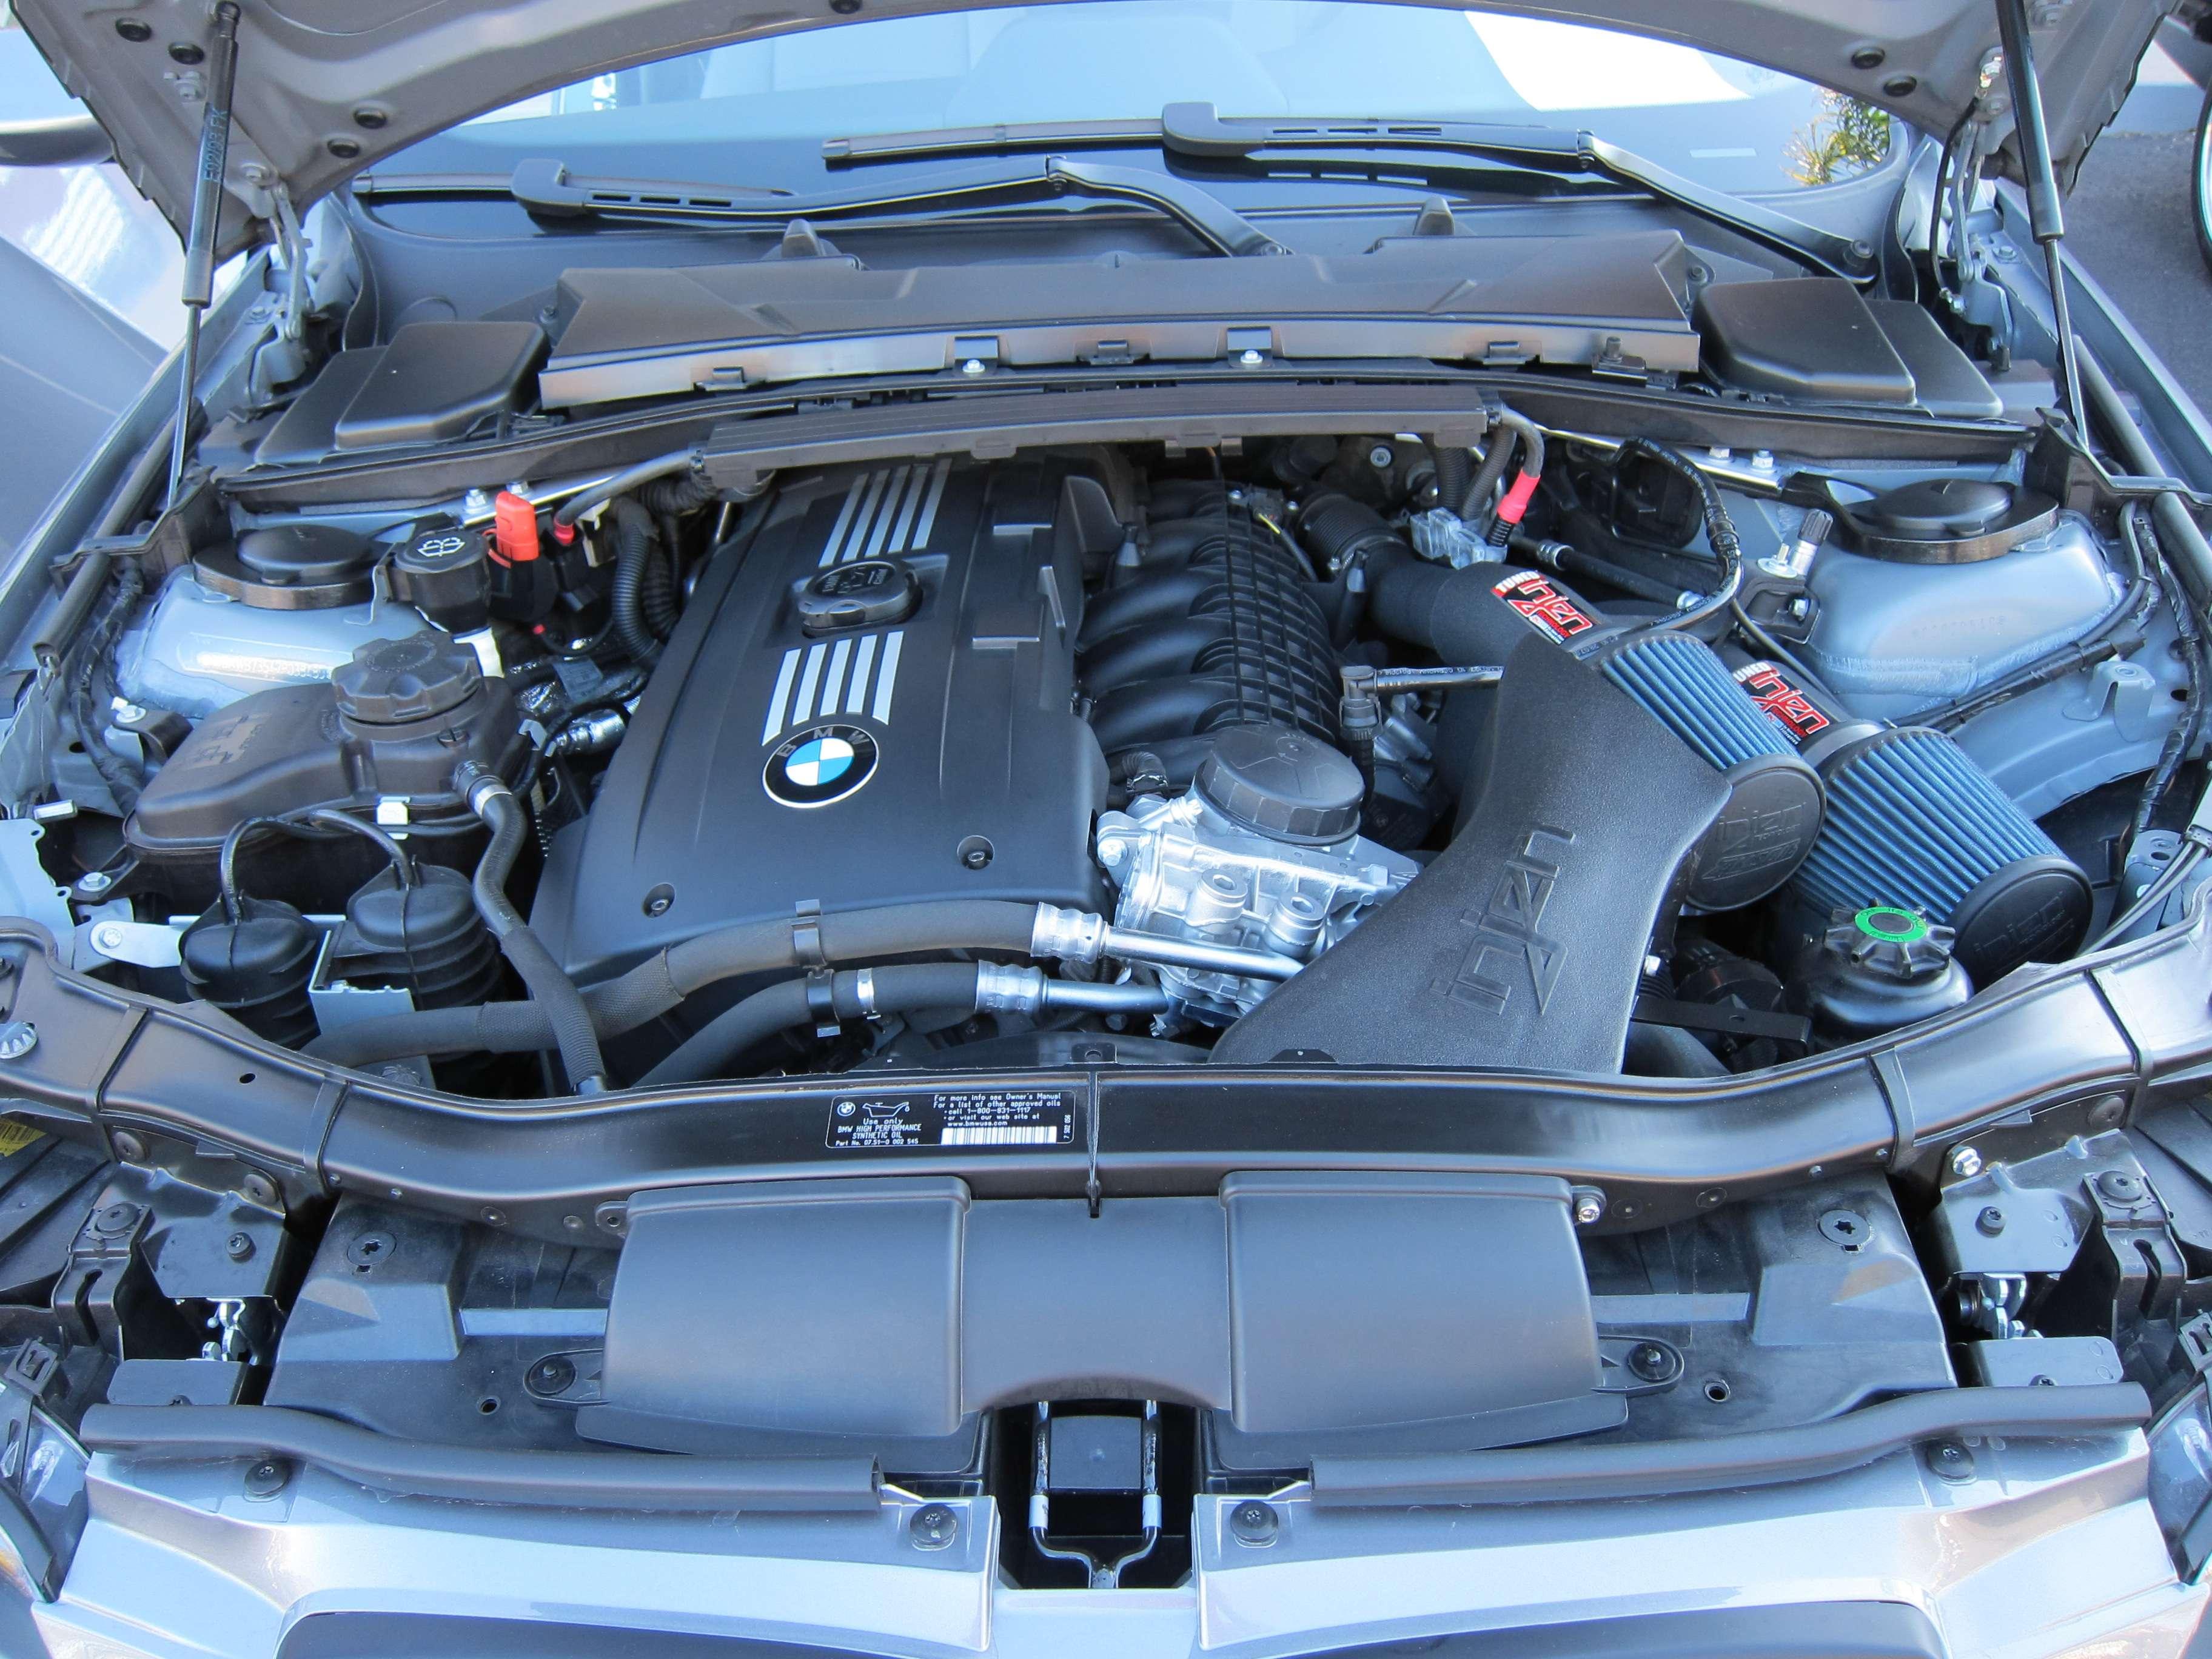 Rpi Car Show Indianpolis